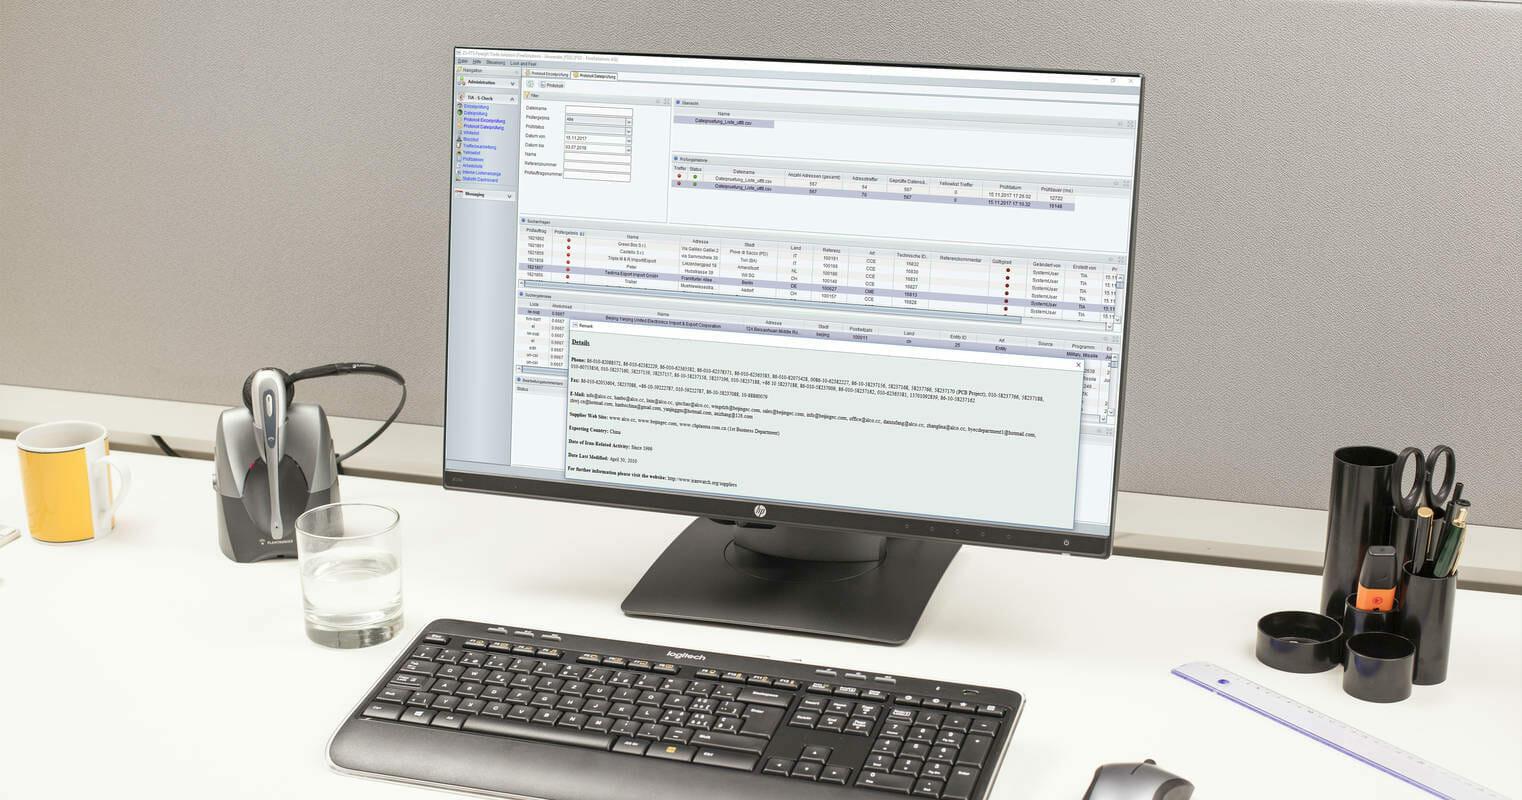 Screenshot S-CHECK  Software Sanktionslistenprüfung Black List Antiterrorlisten